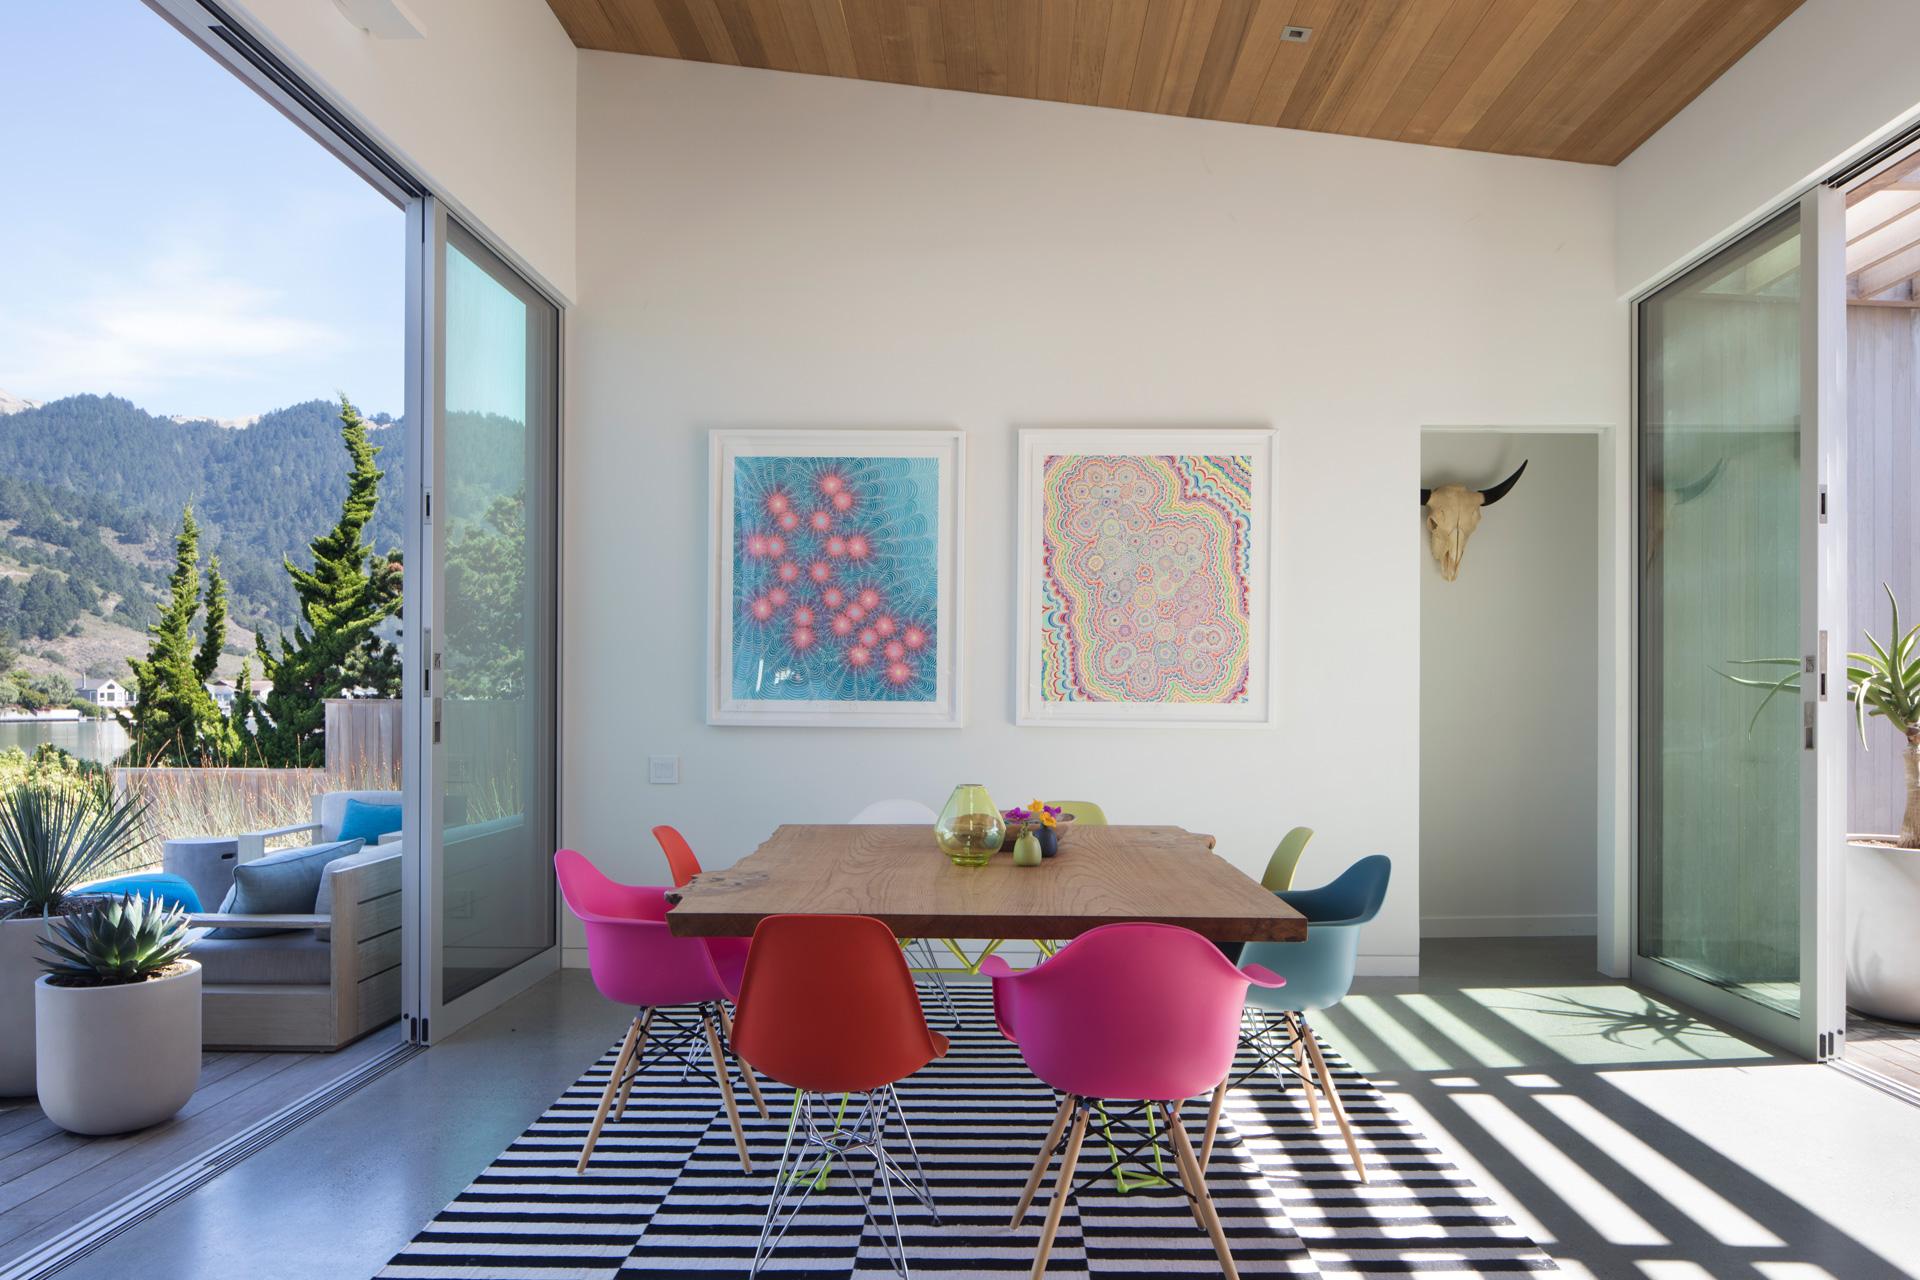 Lagoon House office design